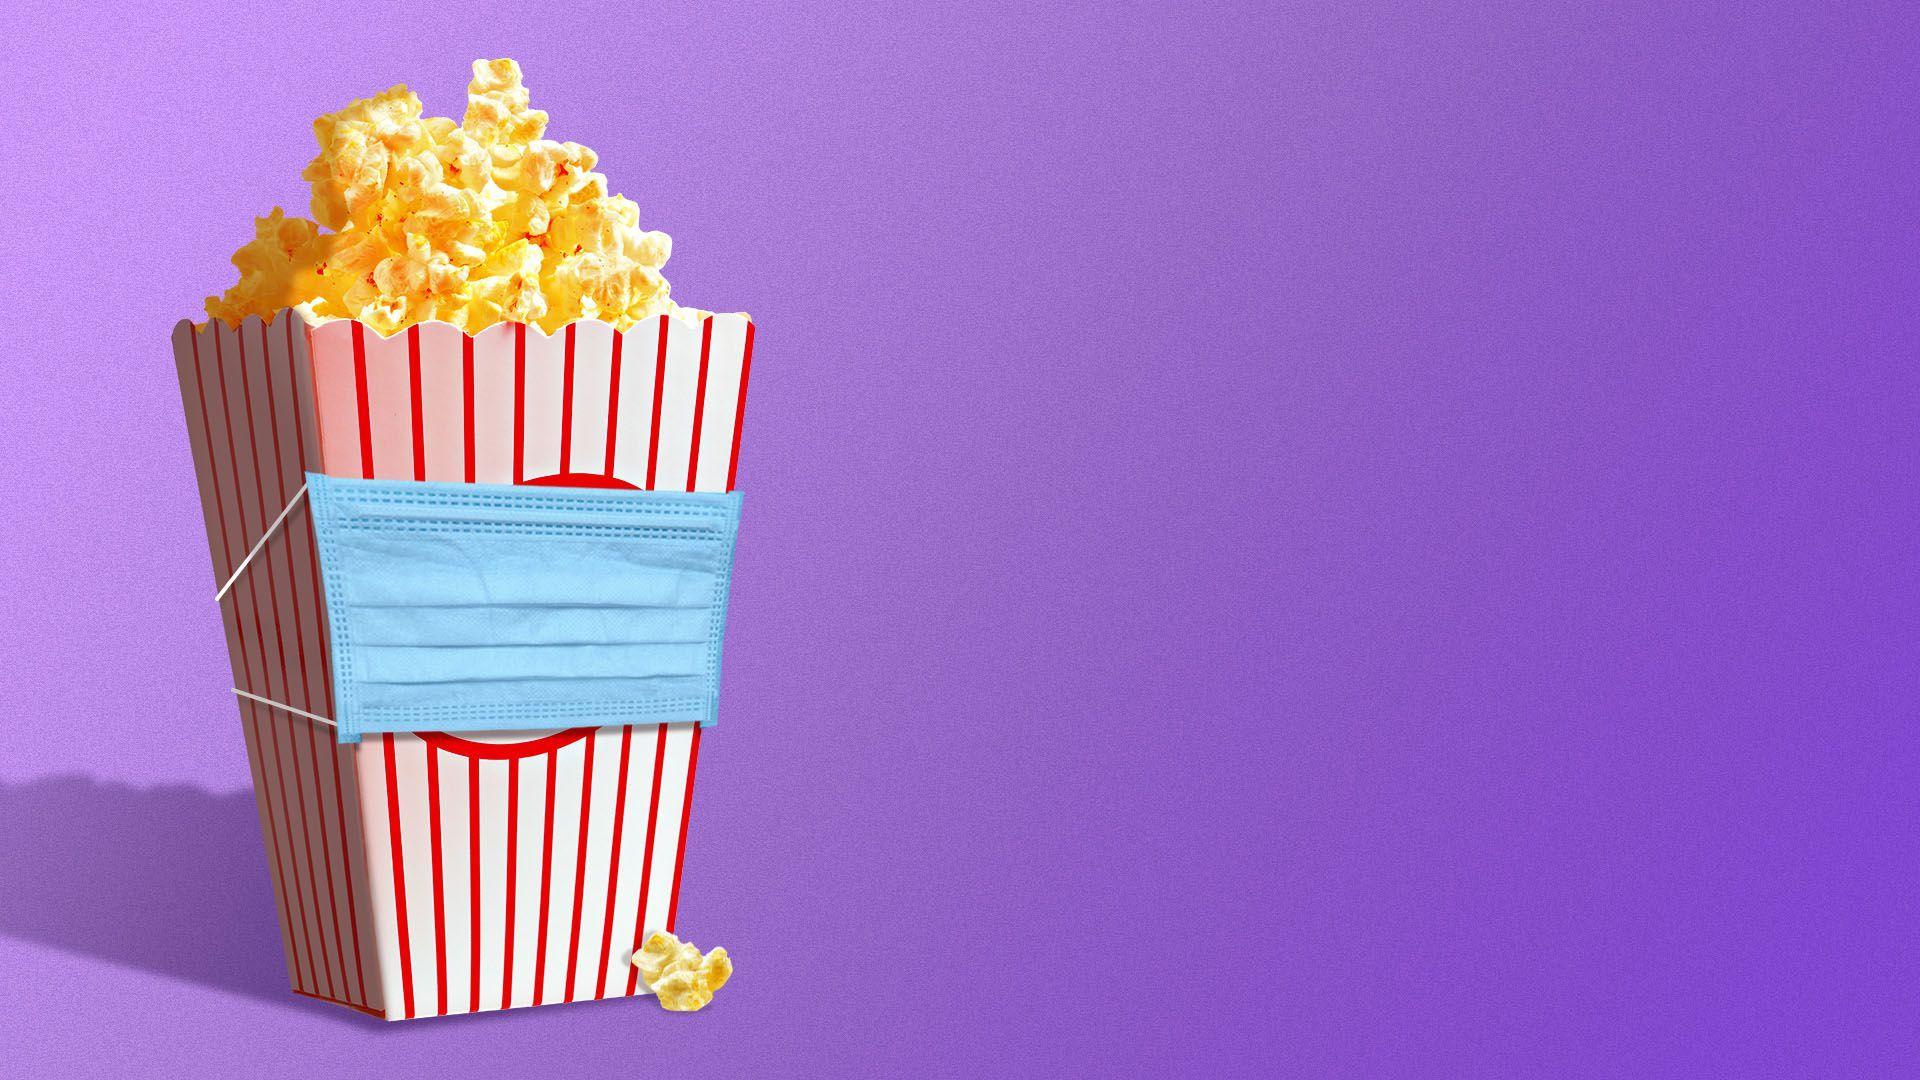 Illustration of a bag of popcorn wearing a medical mask